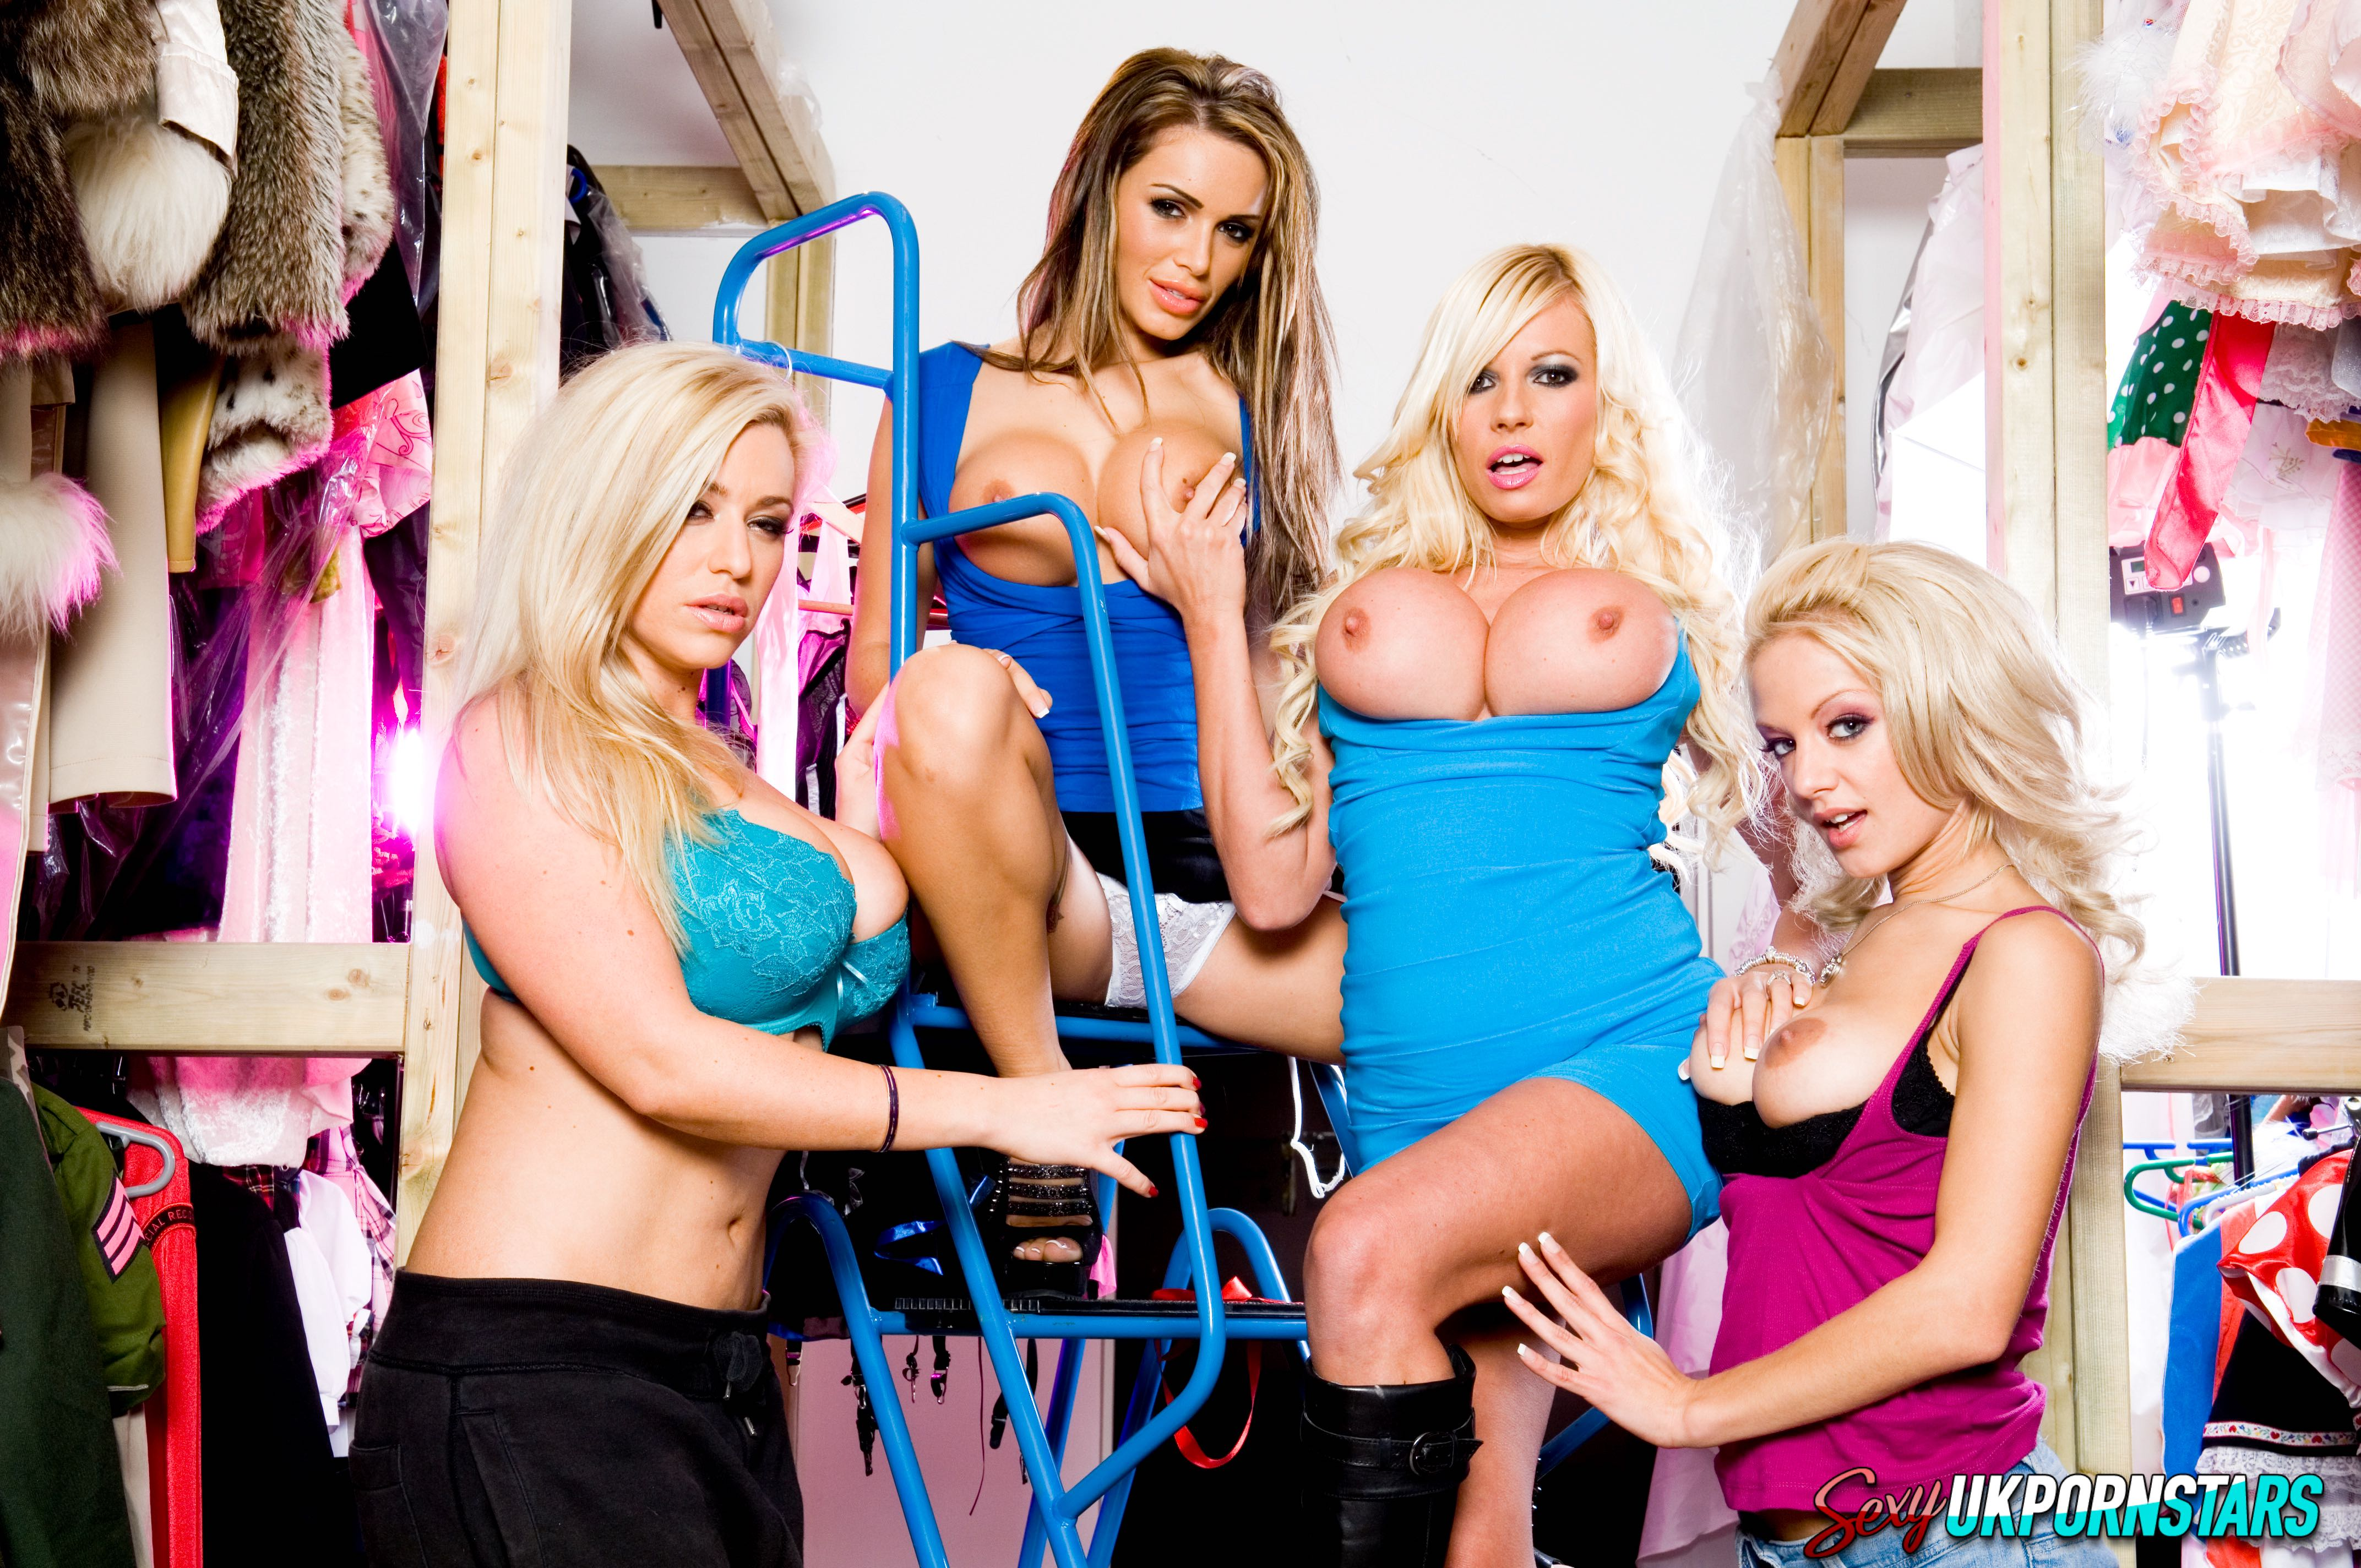 Lesbian Porn Stars Pics